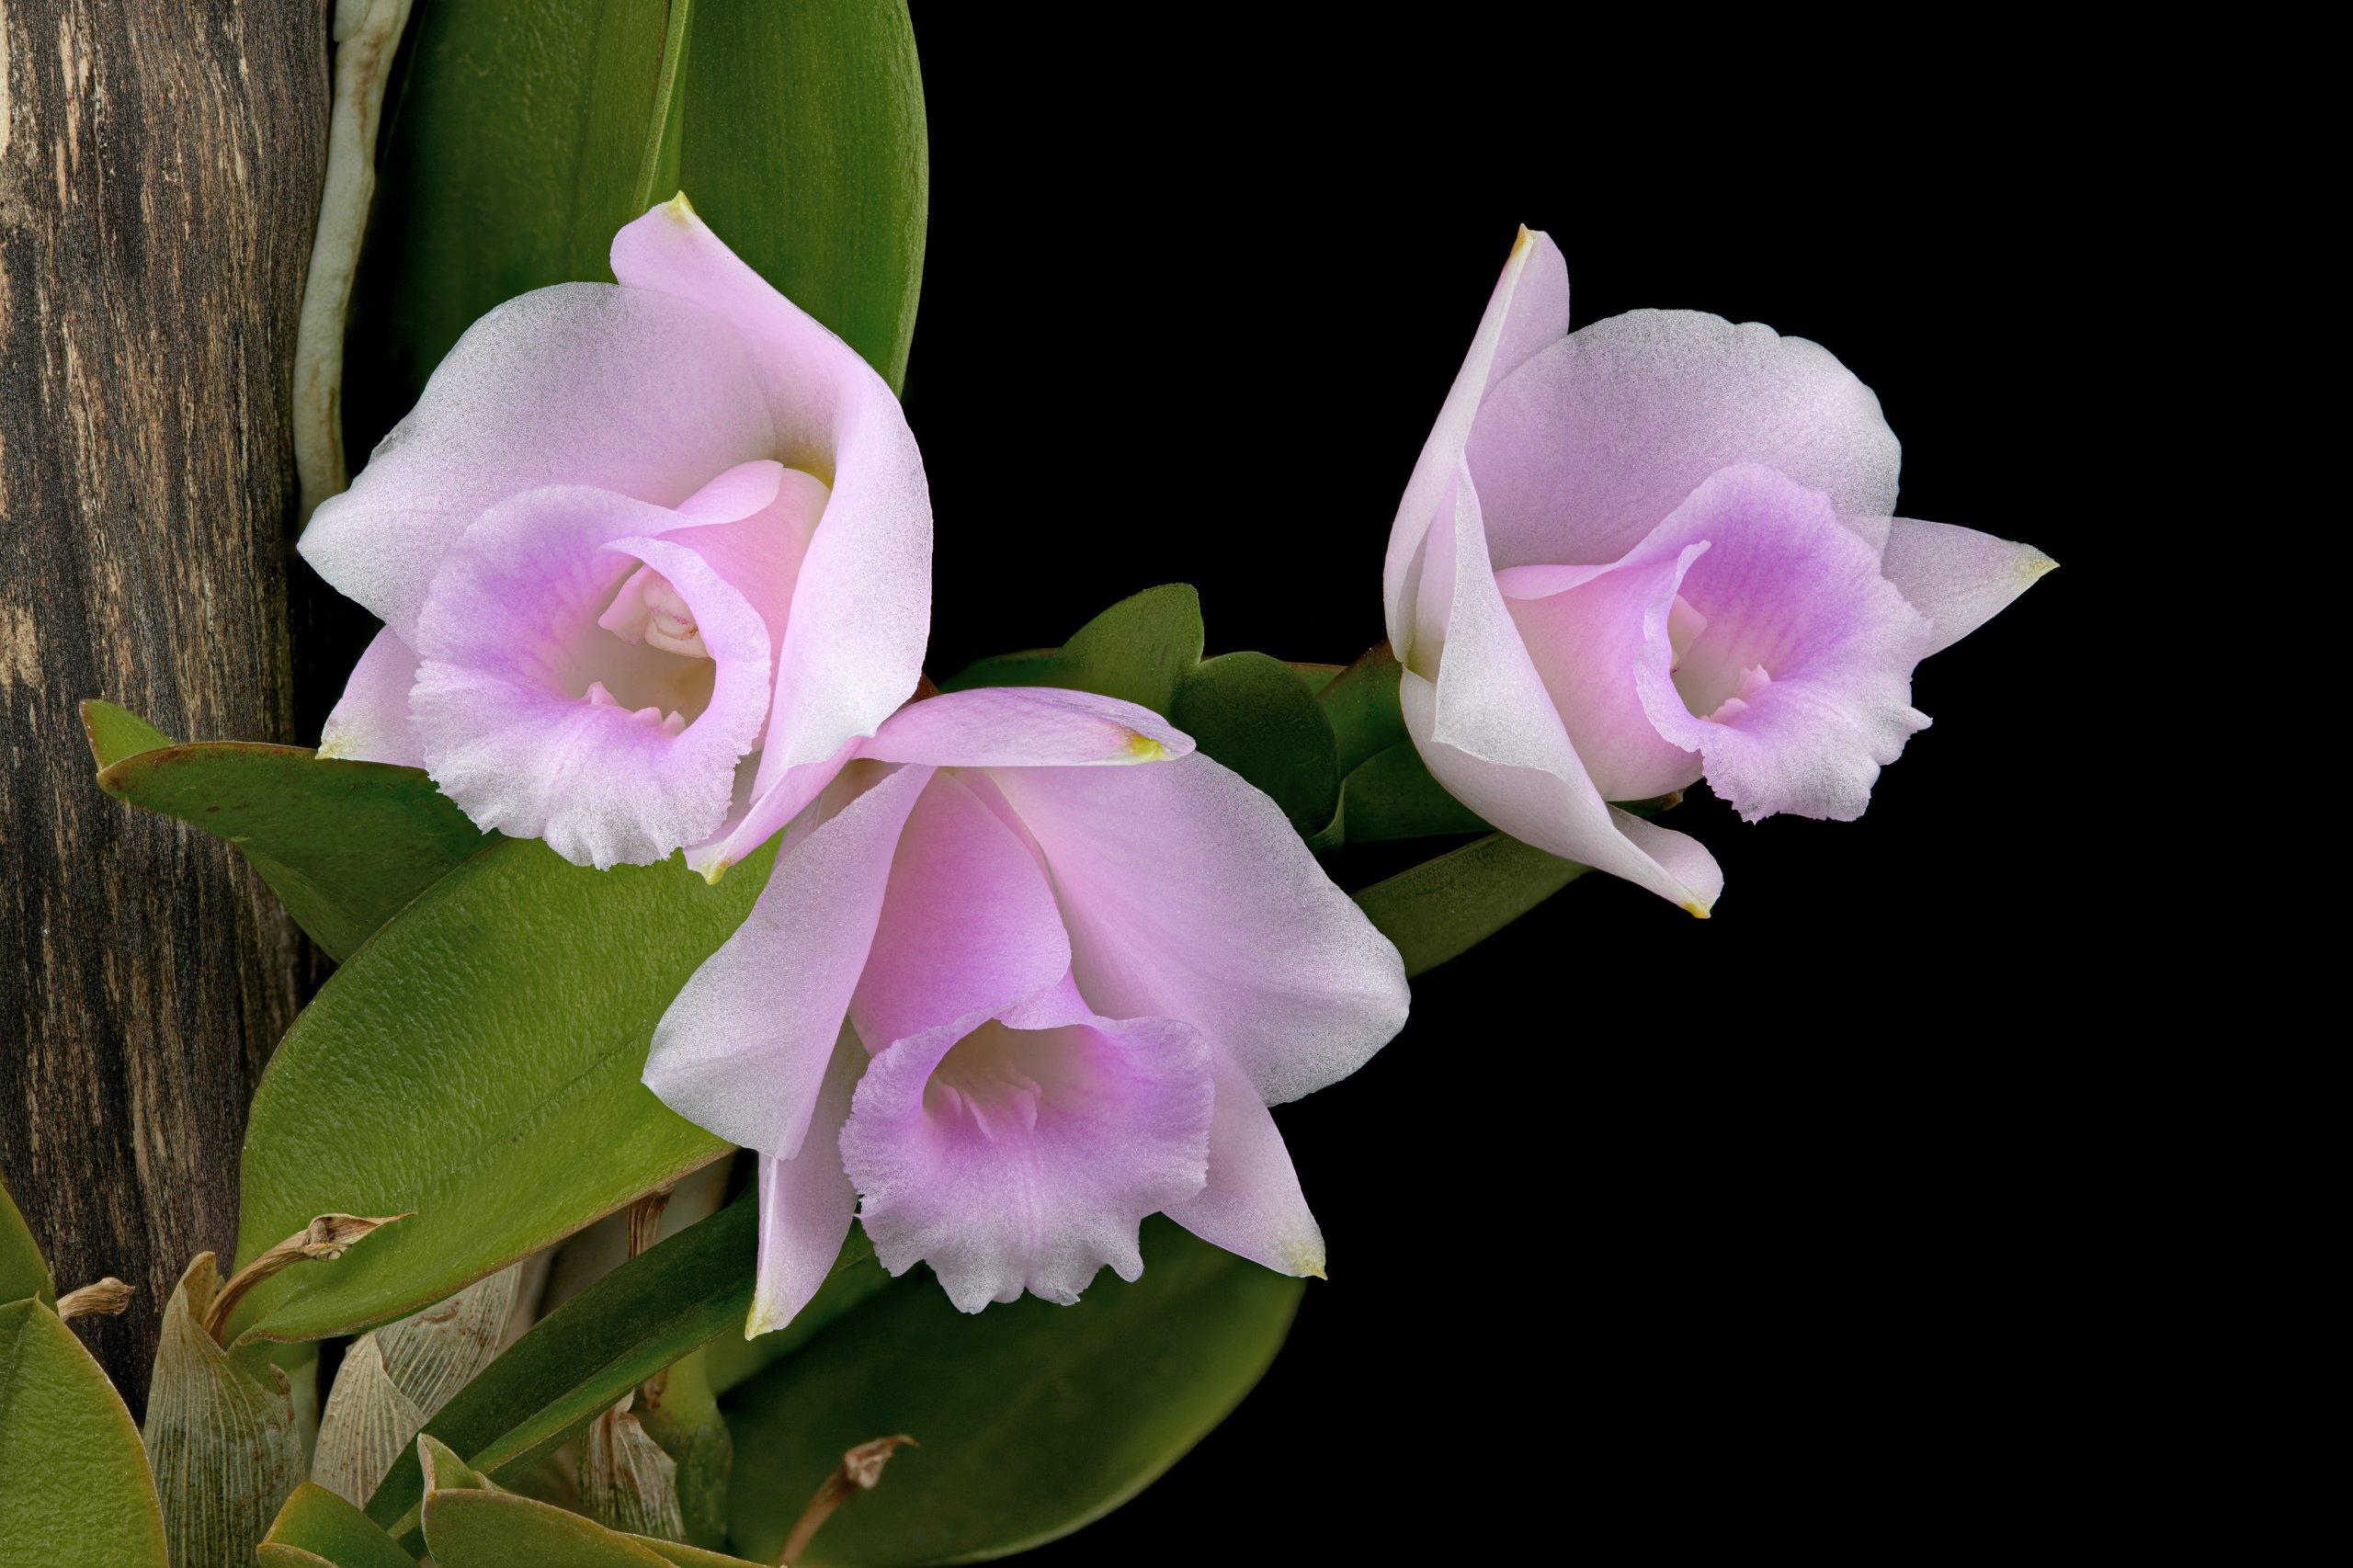 Laelia alaorii flowers 01_06.06.19.jpg